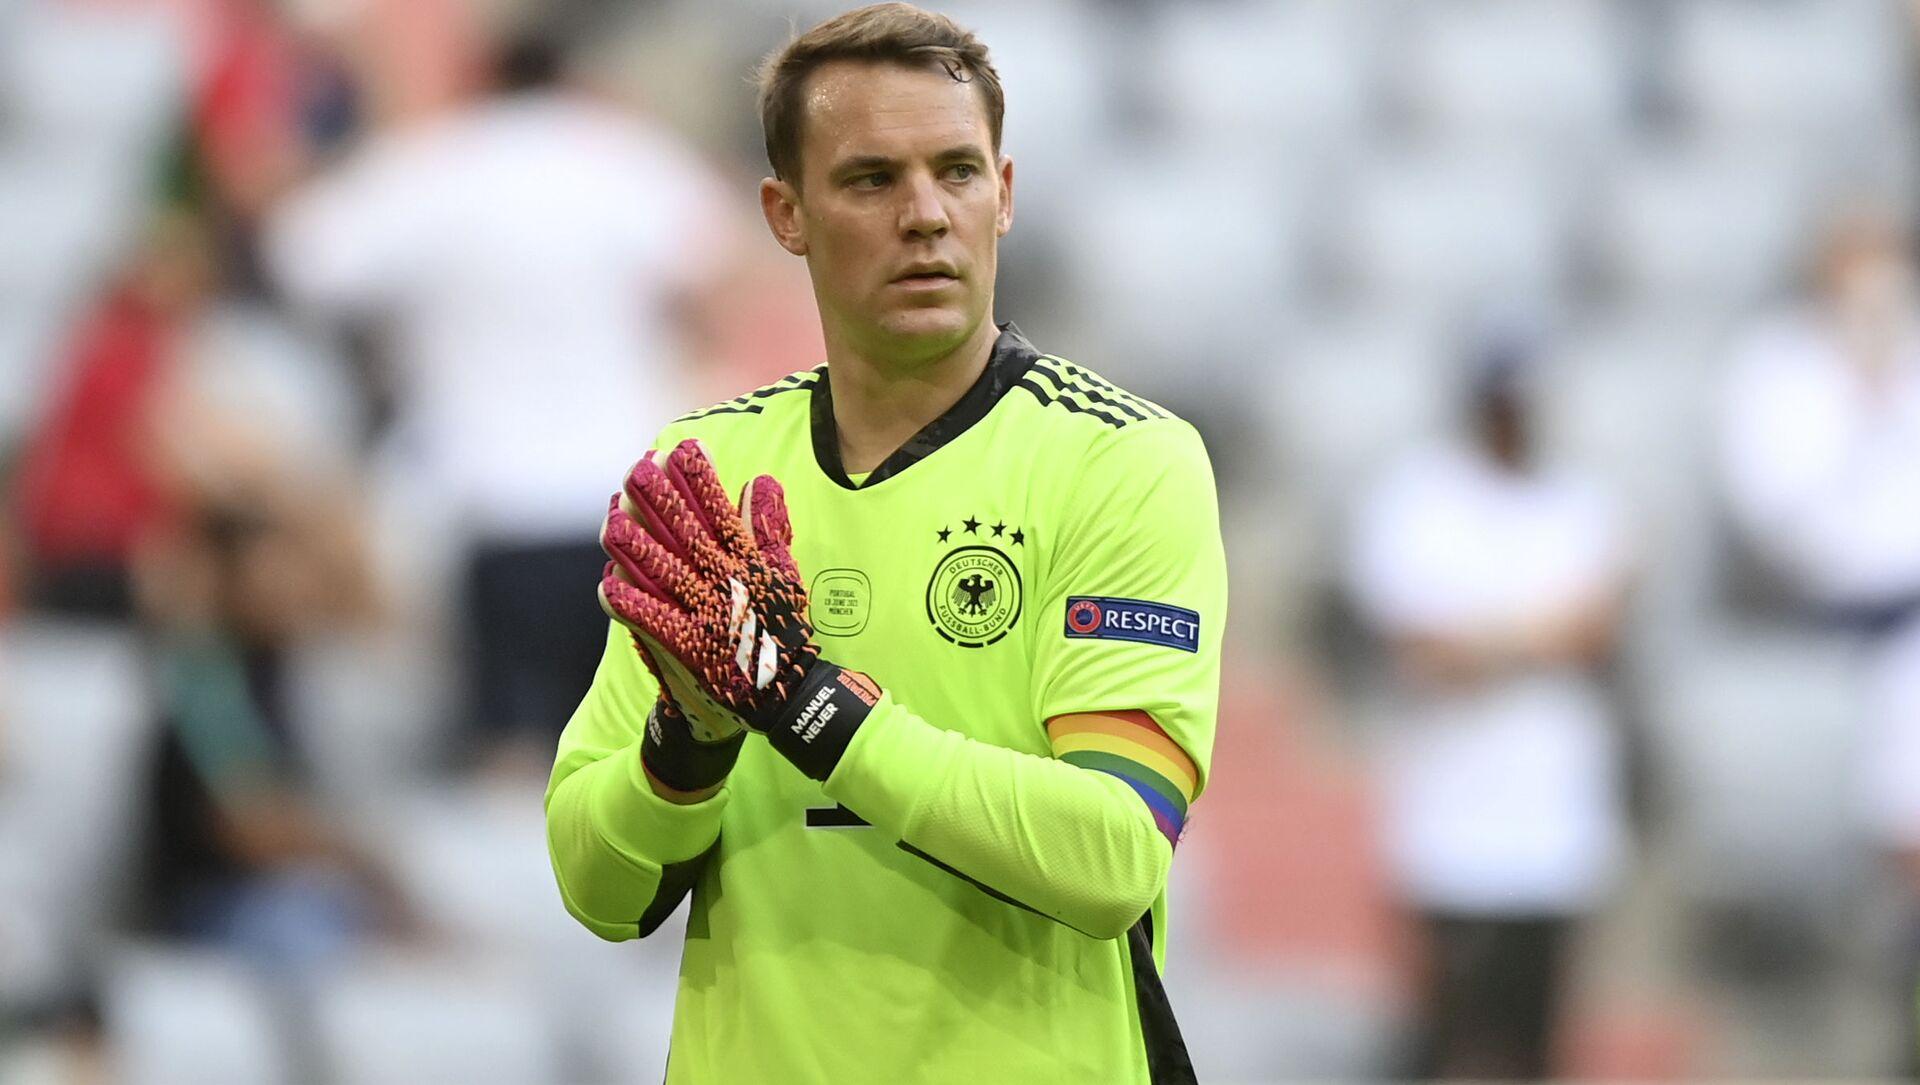 Thủ môn Manuel Neuer của đội tuyển Đức đeo chiếc băng đội trưởng LGBT trên cánh tay. - Sputnik Việt Nam, 1920, 23.06.2021